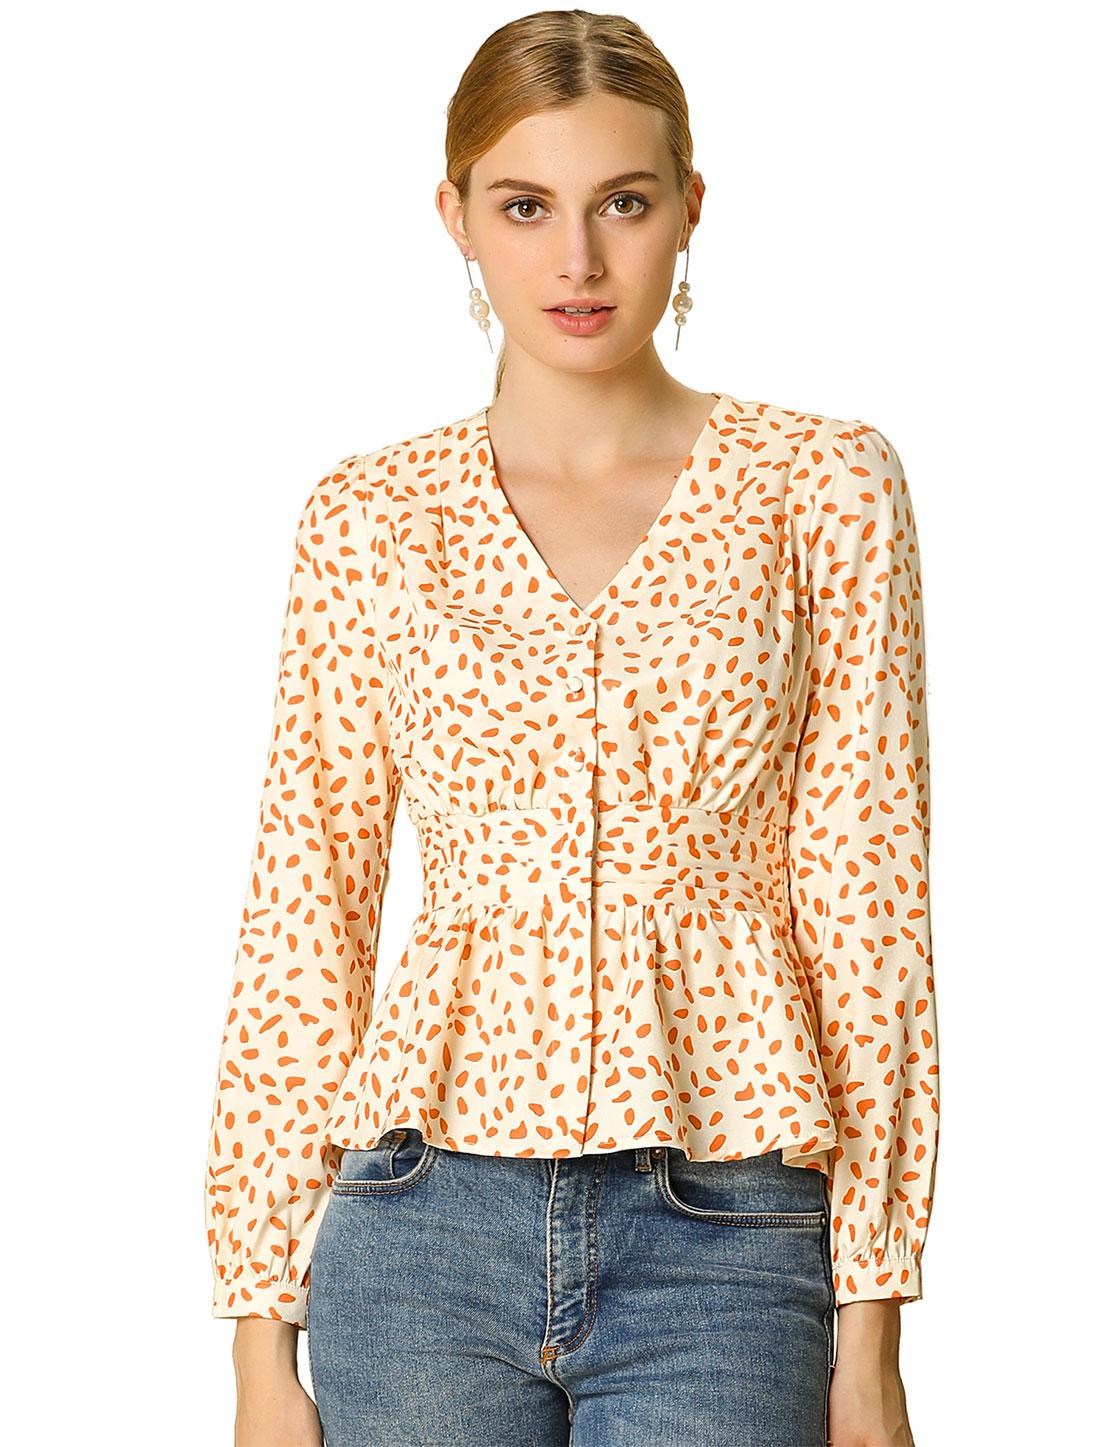 Allegra K Women's Dots V Neck Blouse Smocked Peplum Top Beige S